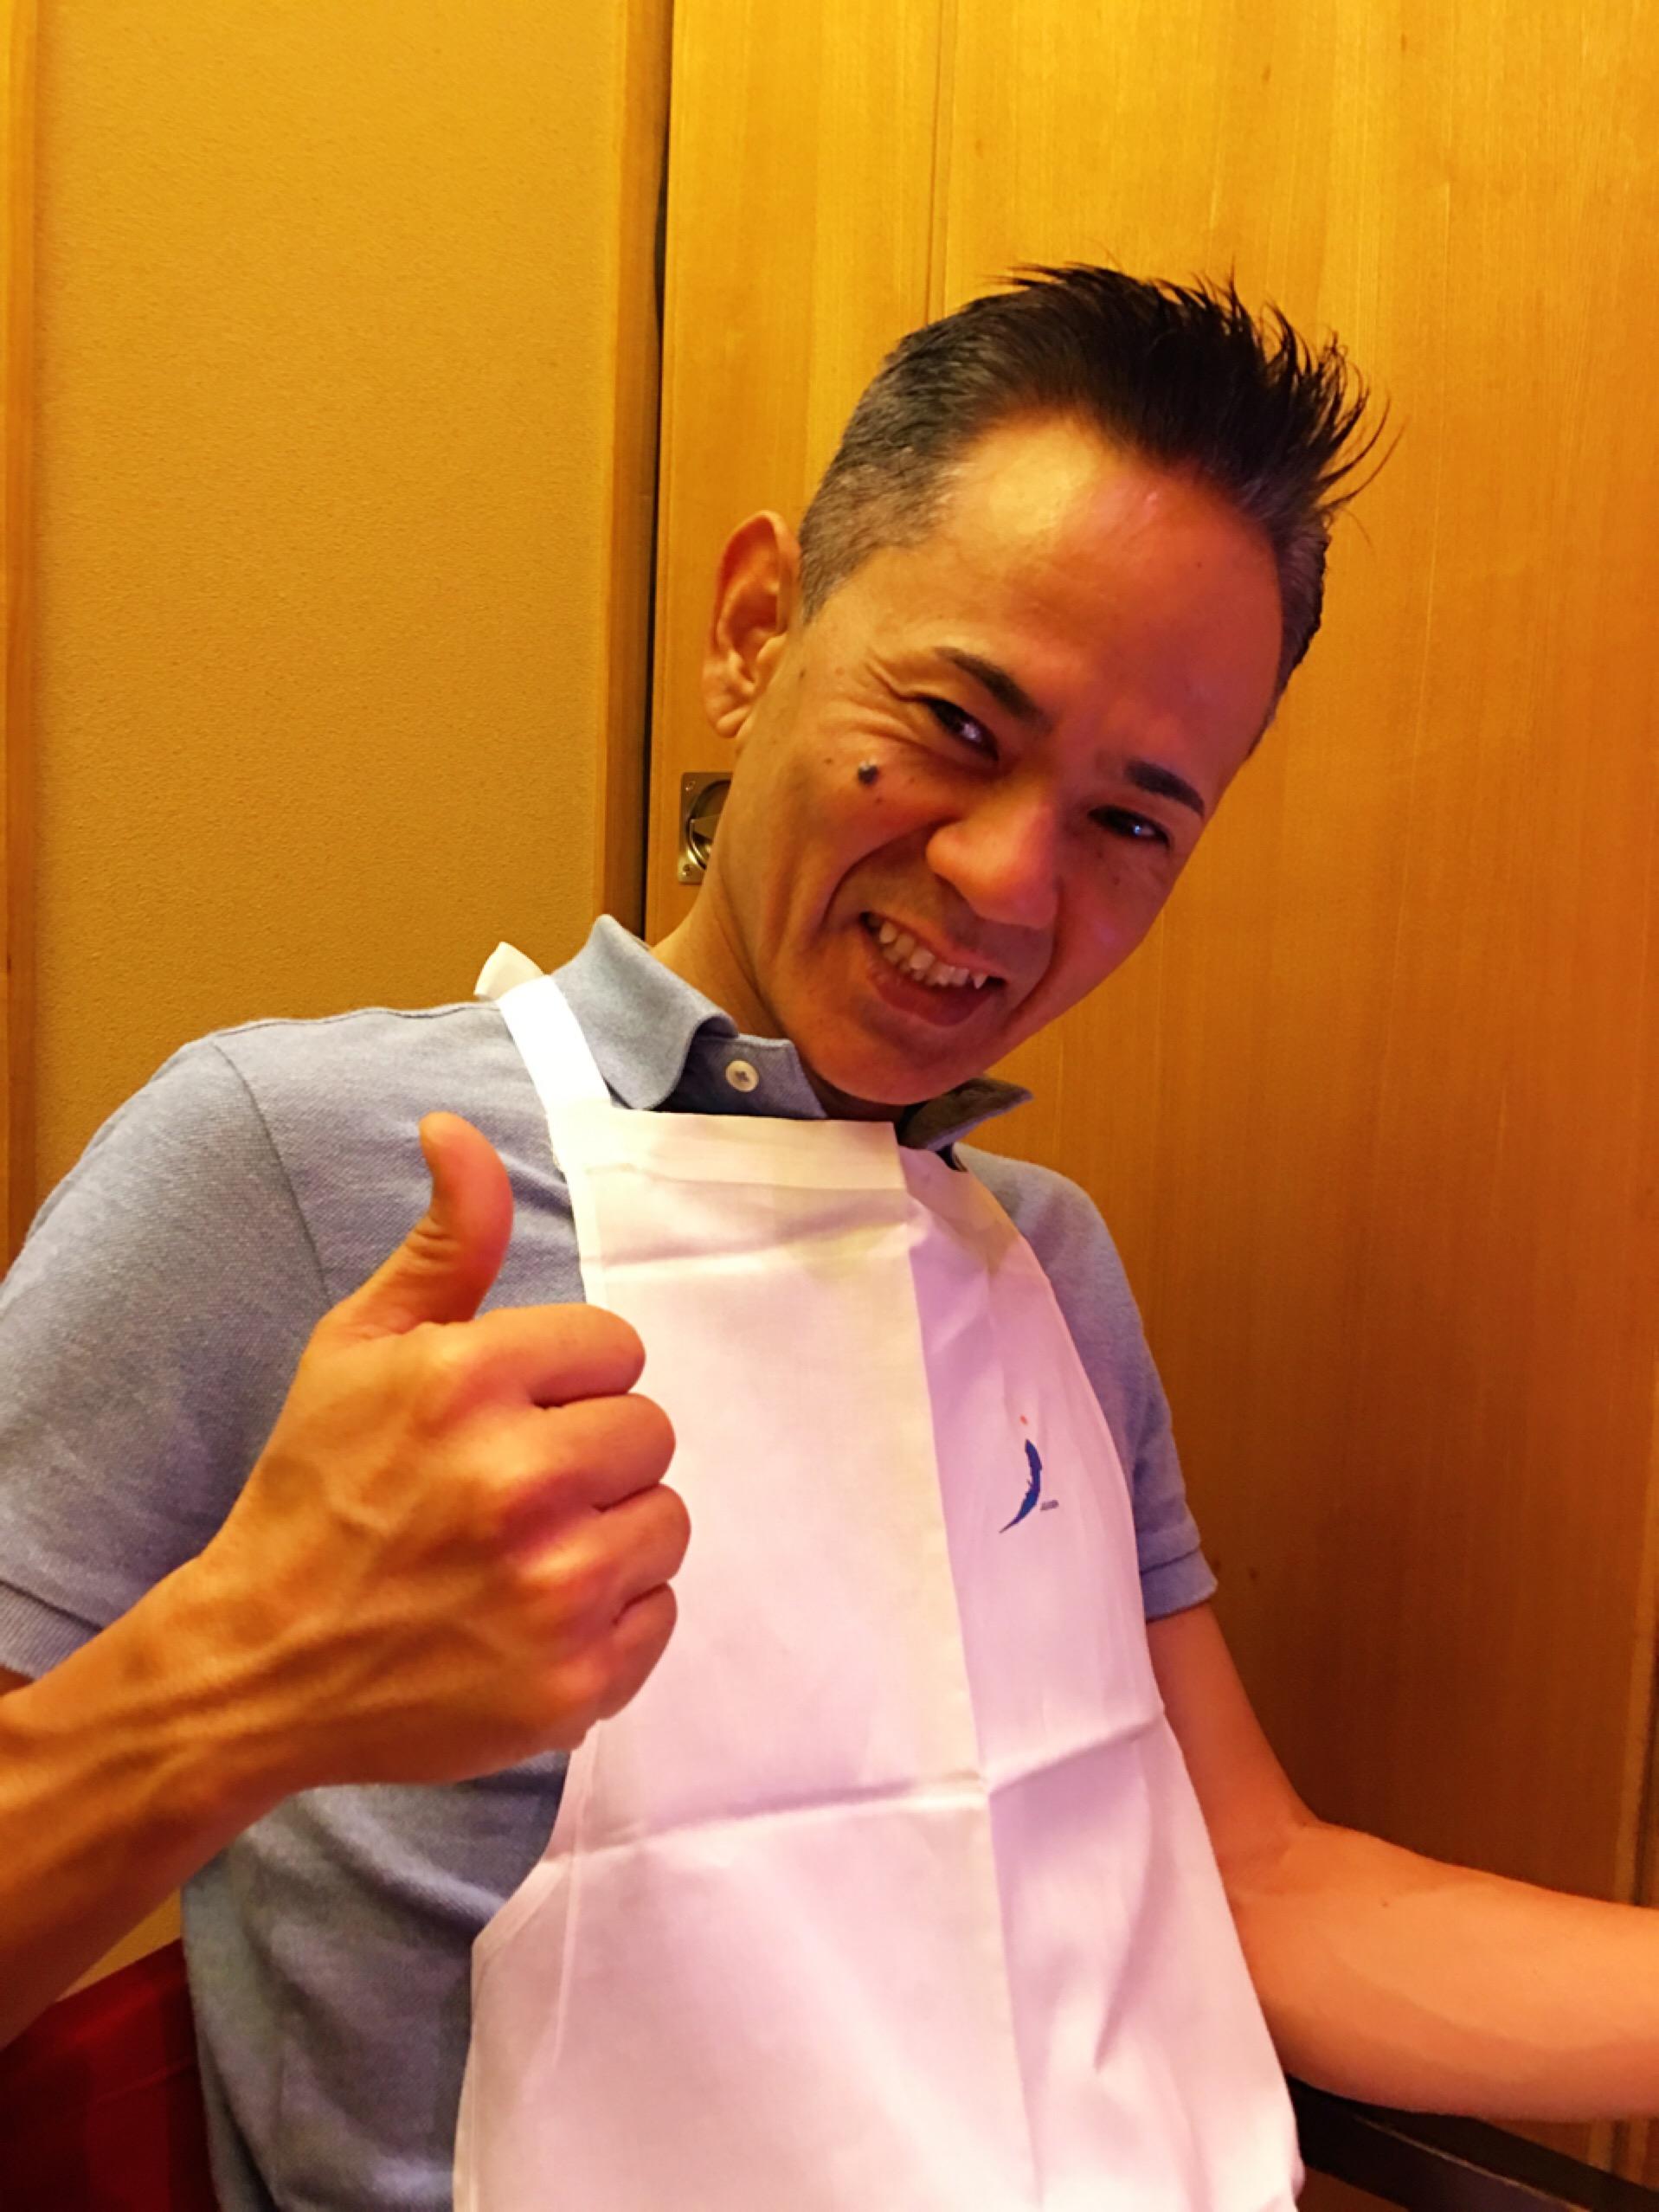 今日は1日青山 親力セミナーでした。 セミナー後夕食は焼肉です?✨ エプロン姿の先生が可愛い?